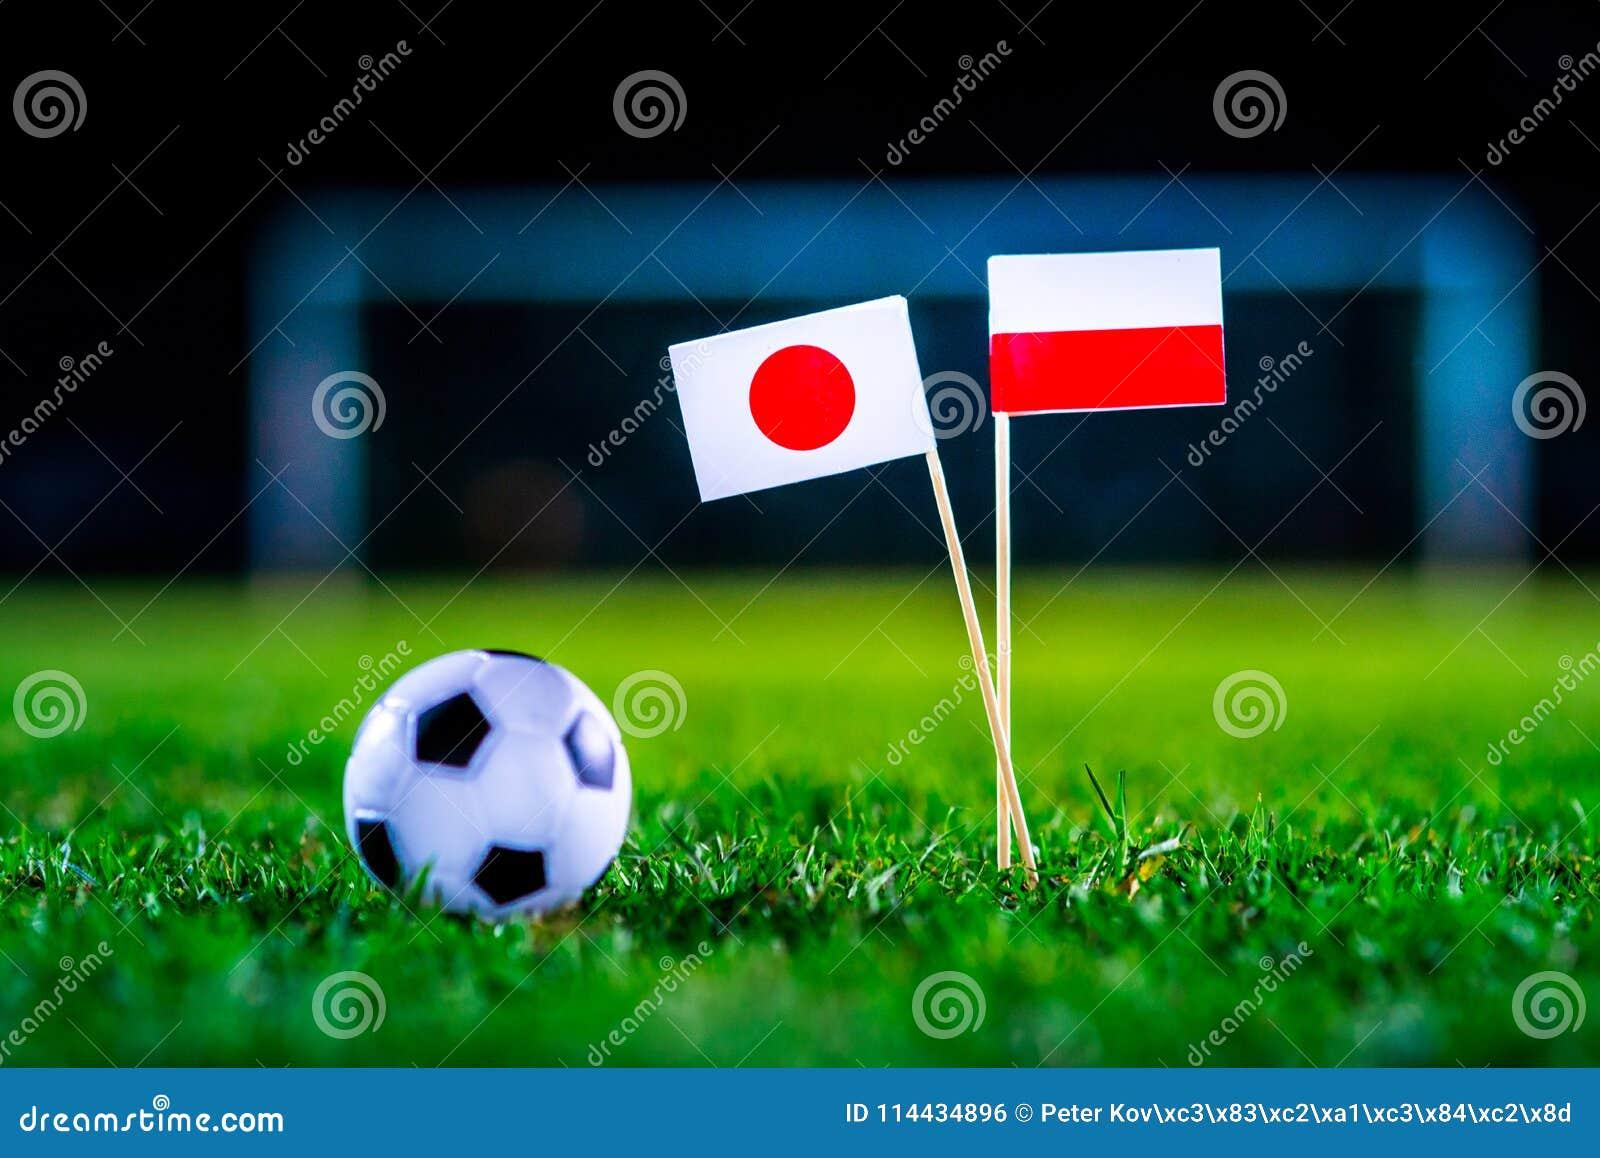 Ιαπωνία - Πολωνία, ομάδα Χ, Πέμπτη, 28 Ποδόσφαιρο Ιουνίου, Παγκόσμιο Κύπελλο